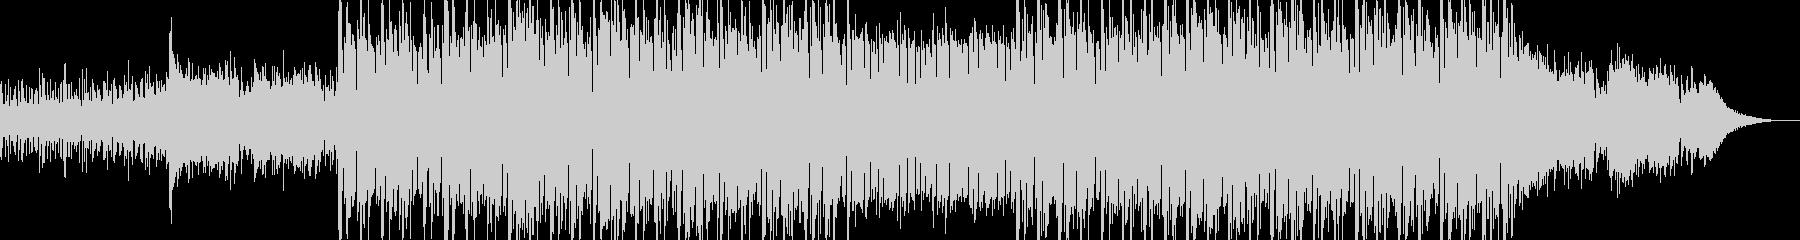 現代的で都会的なシンセミュージック-16の未再生の波形